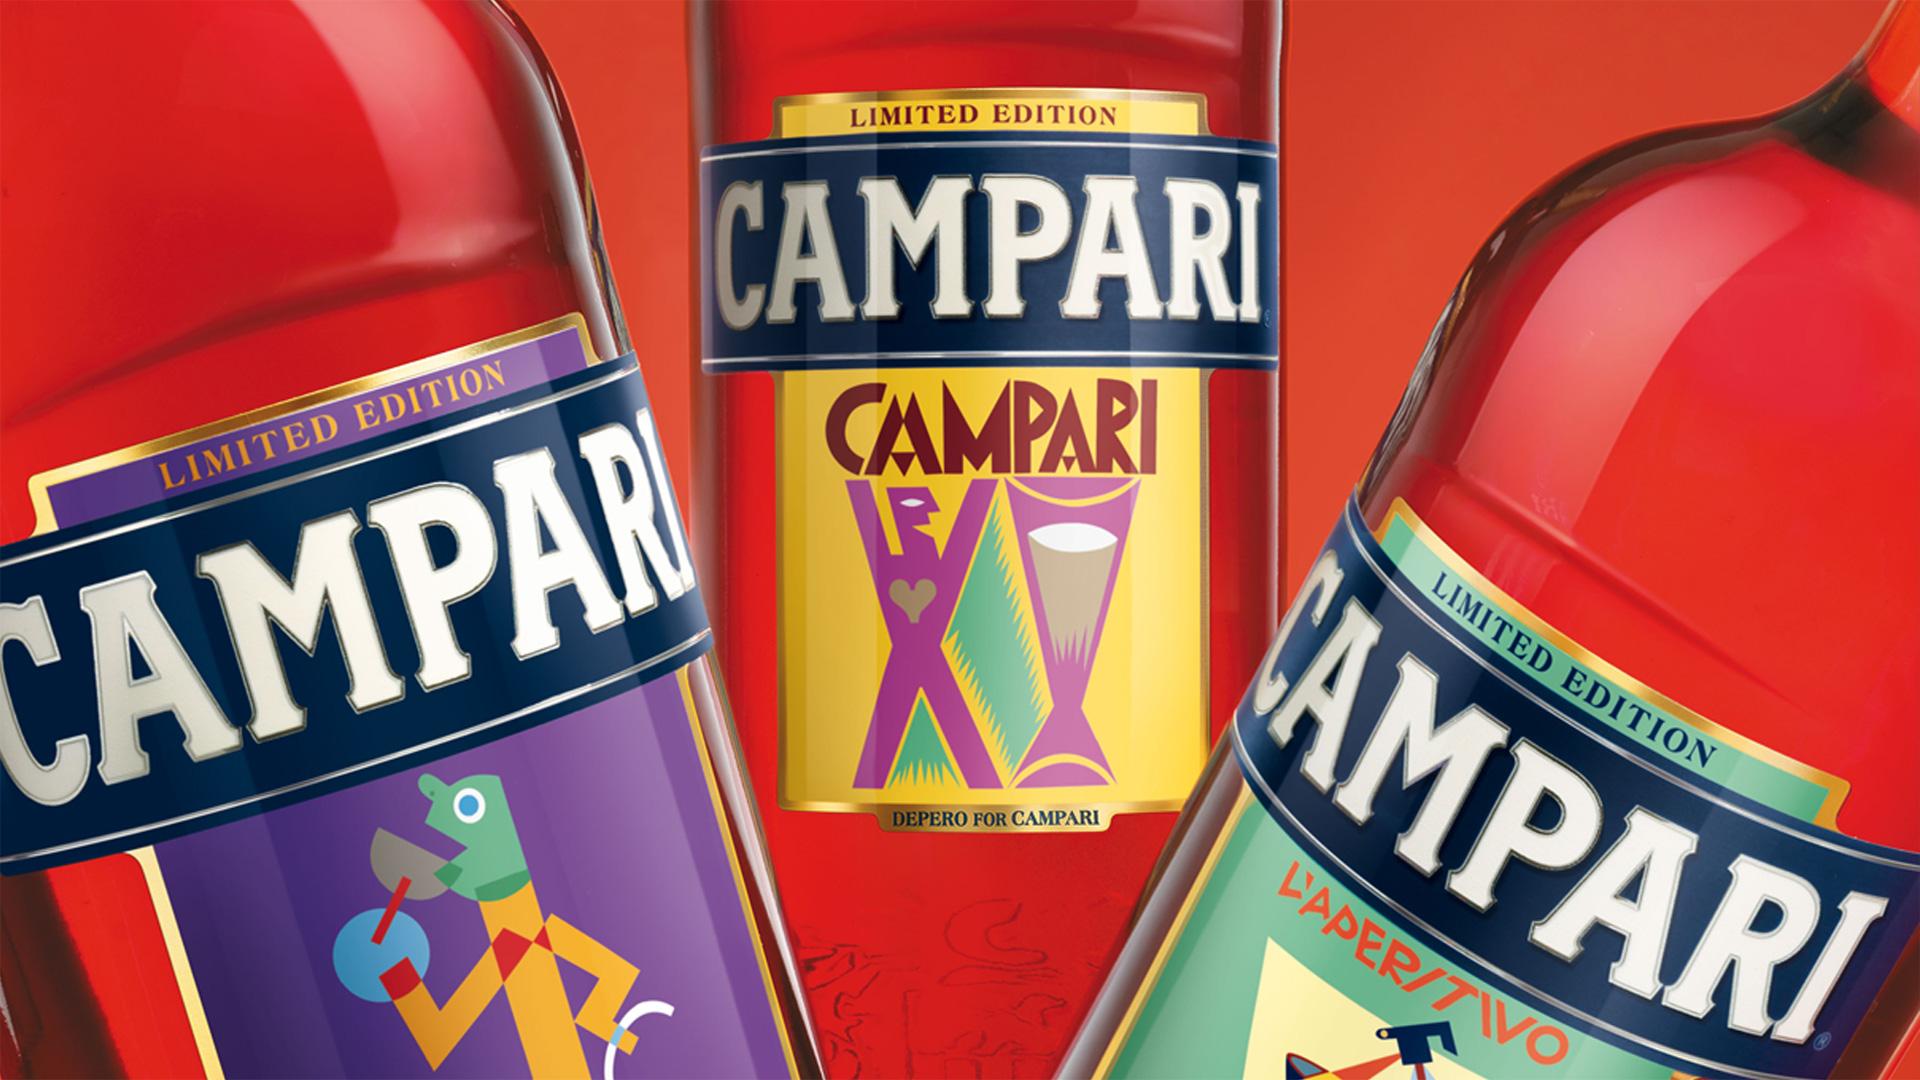 Campari-Rba-Design-003